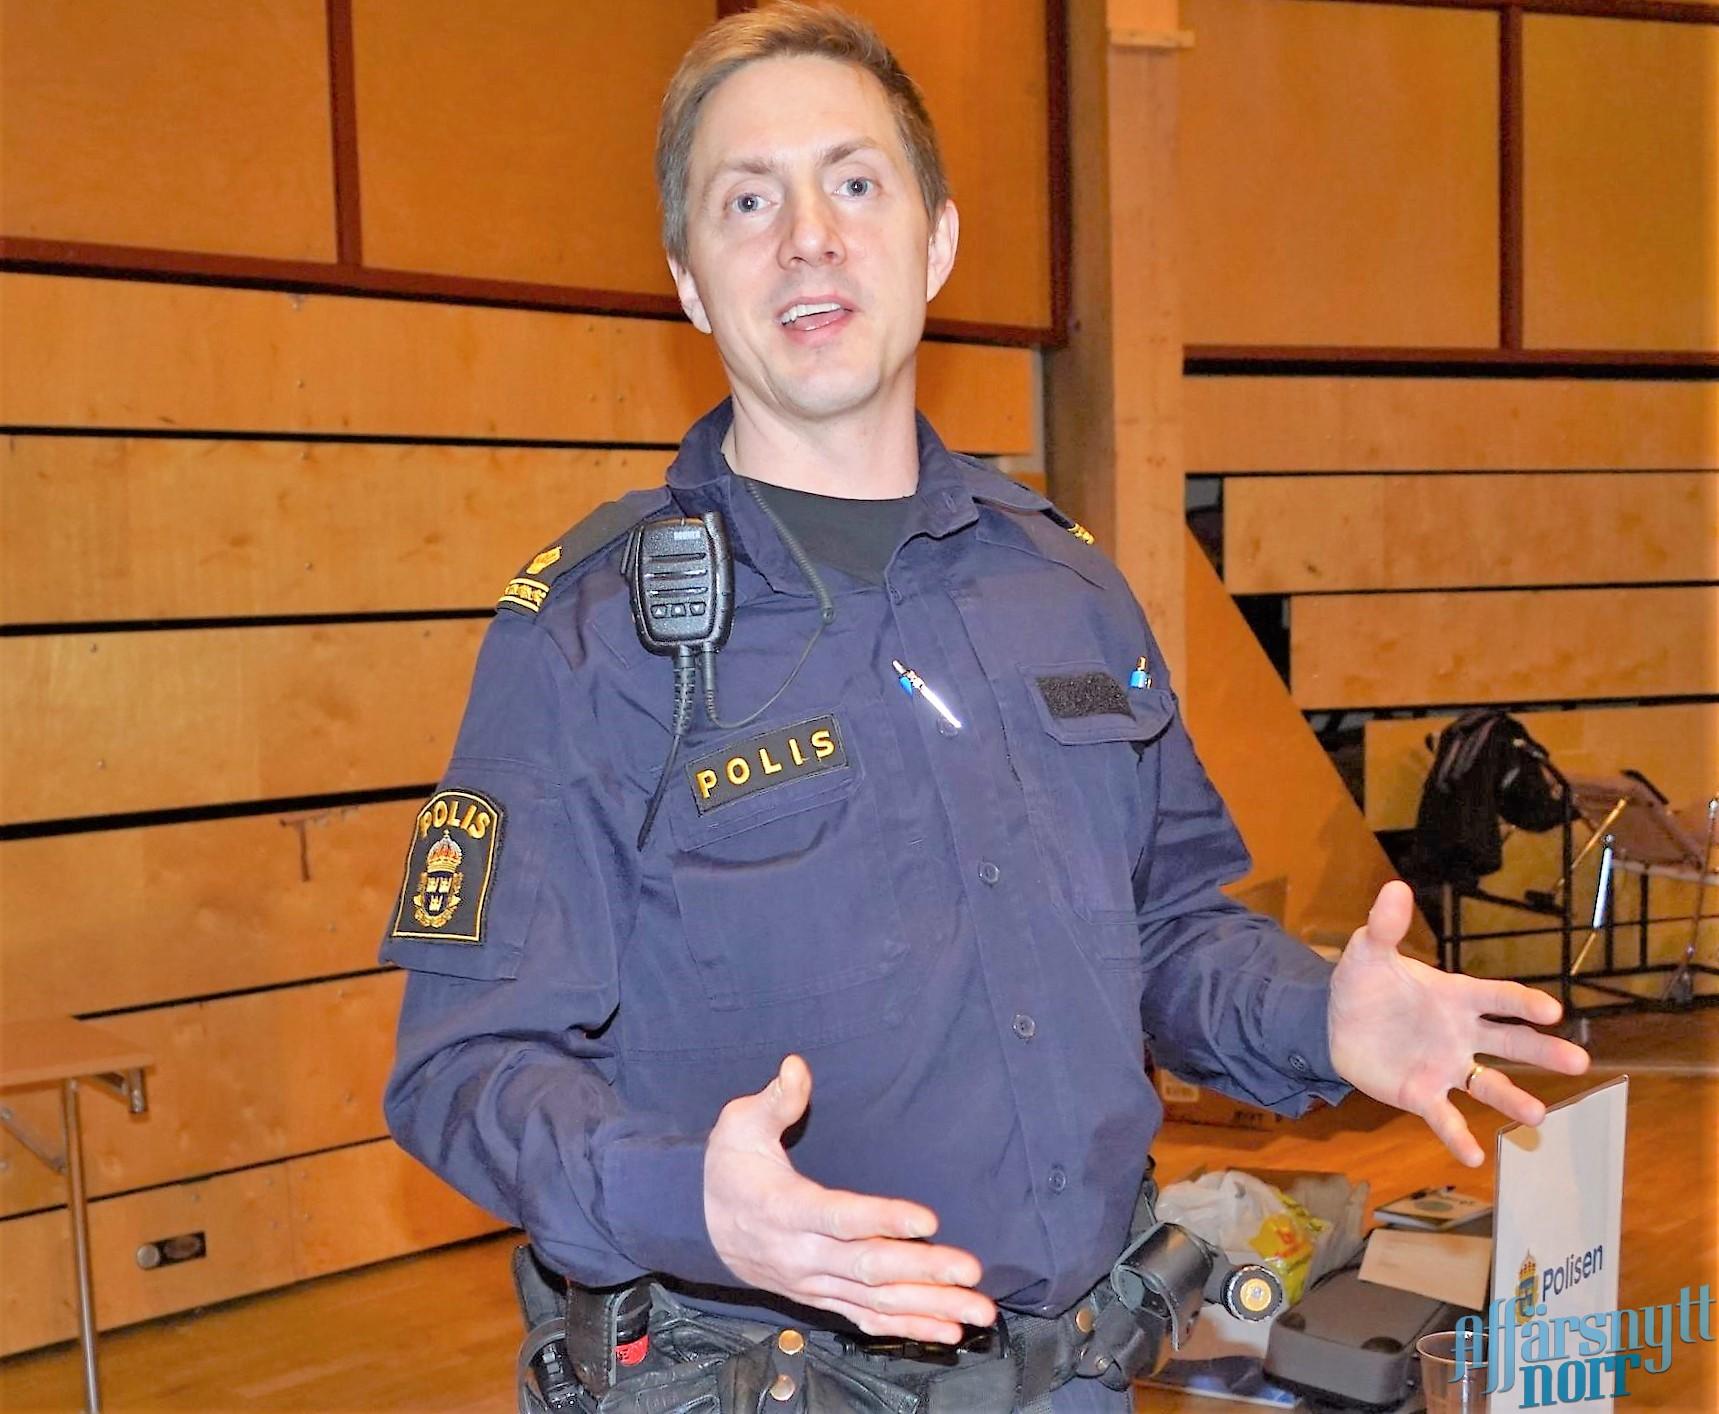 Polis Johnny Jonsson vill se flera poliser till glesbygd.  Foto från en tidigare mässa.